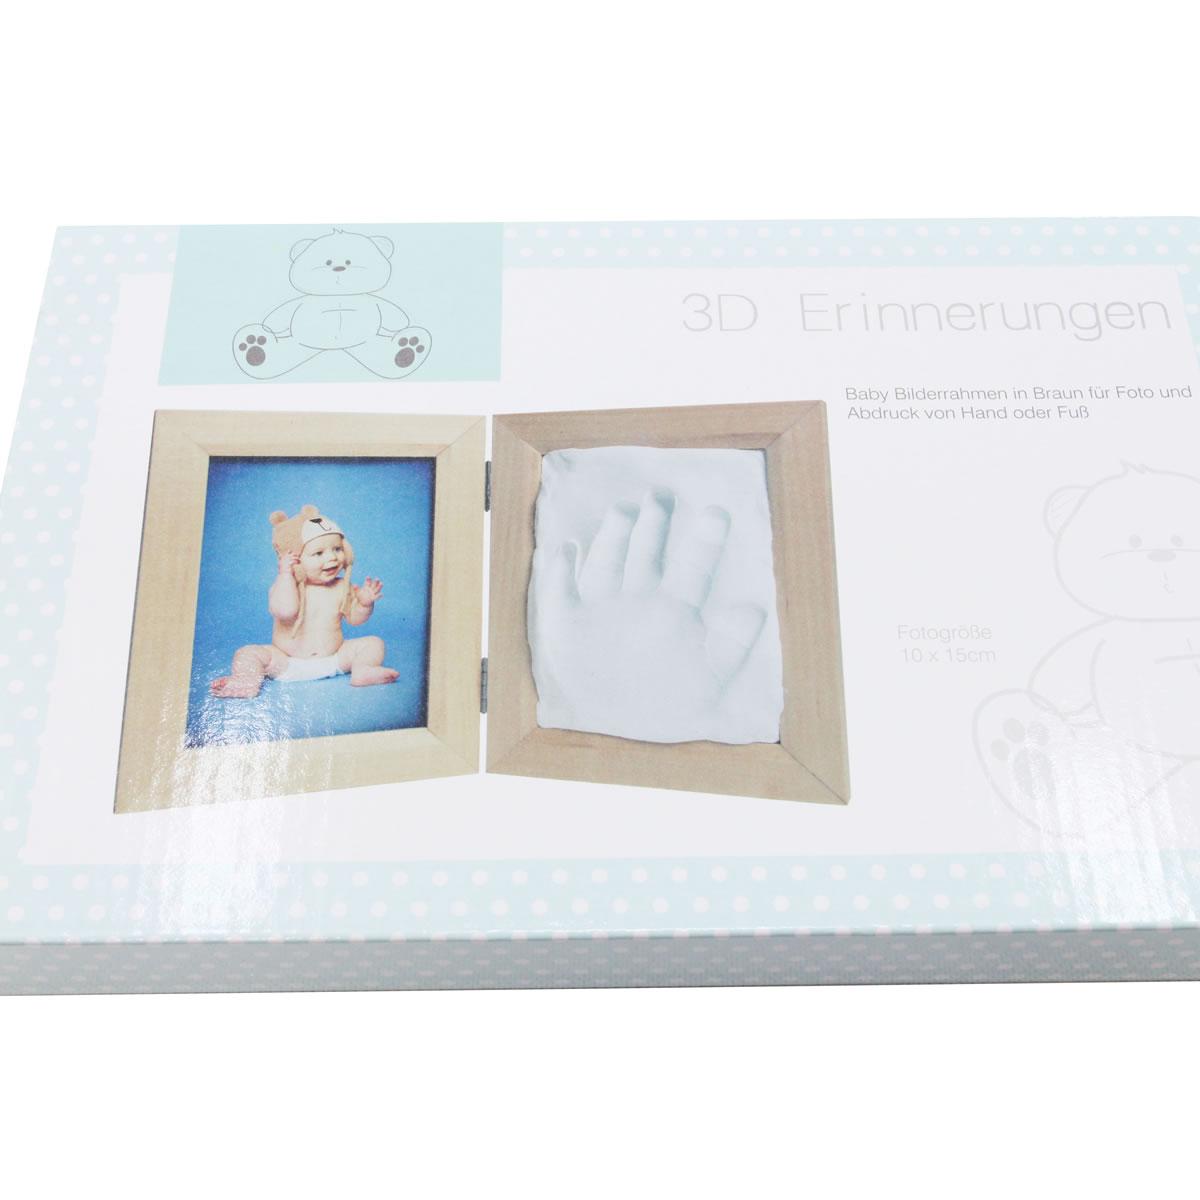 3D Erinnerung, Baby Bilderrahmen, Fotorahmen für ein Foto und ...